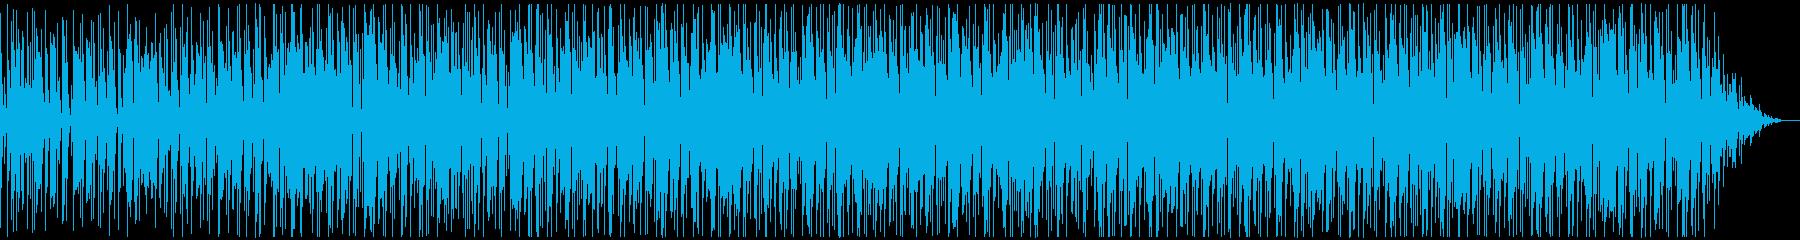 80'sディスコ風のファンキーなBGMの再生済みの波形